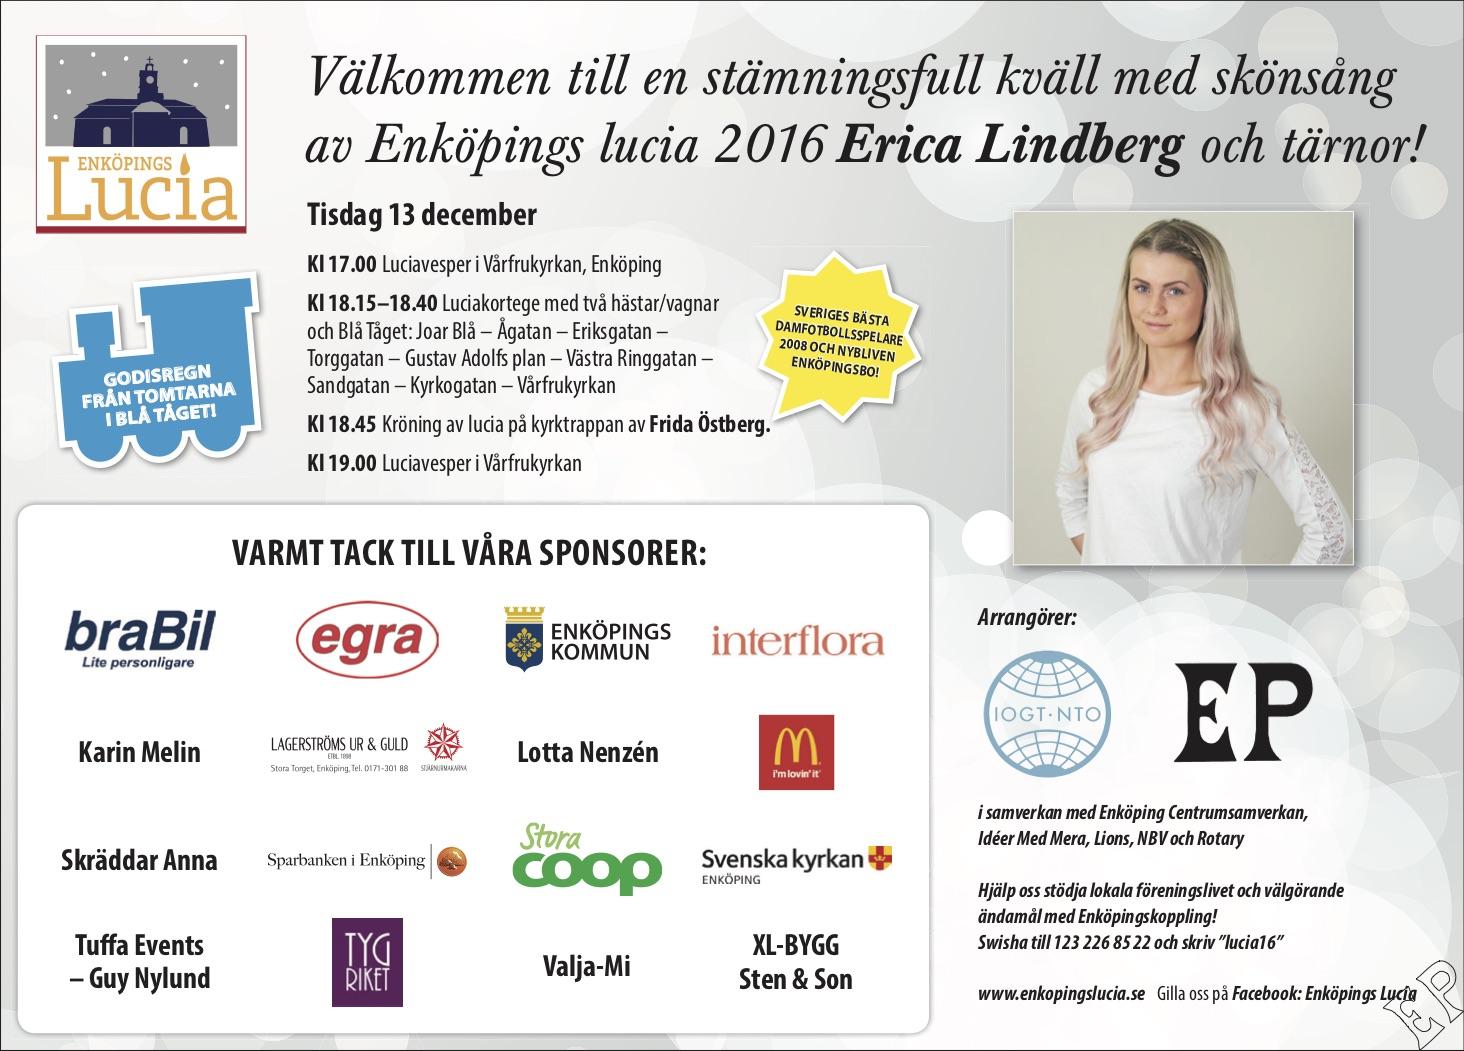 Annons om Enköpings Lucia 2016 i Enköpings-Posten.